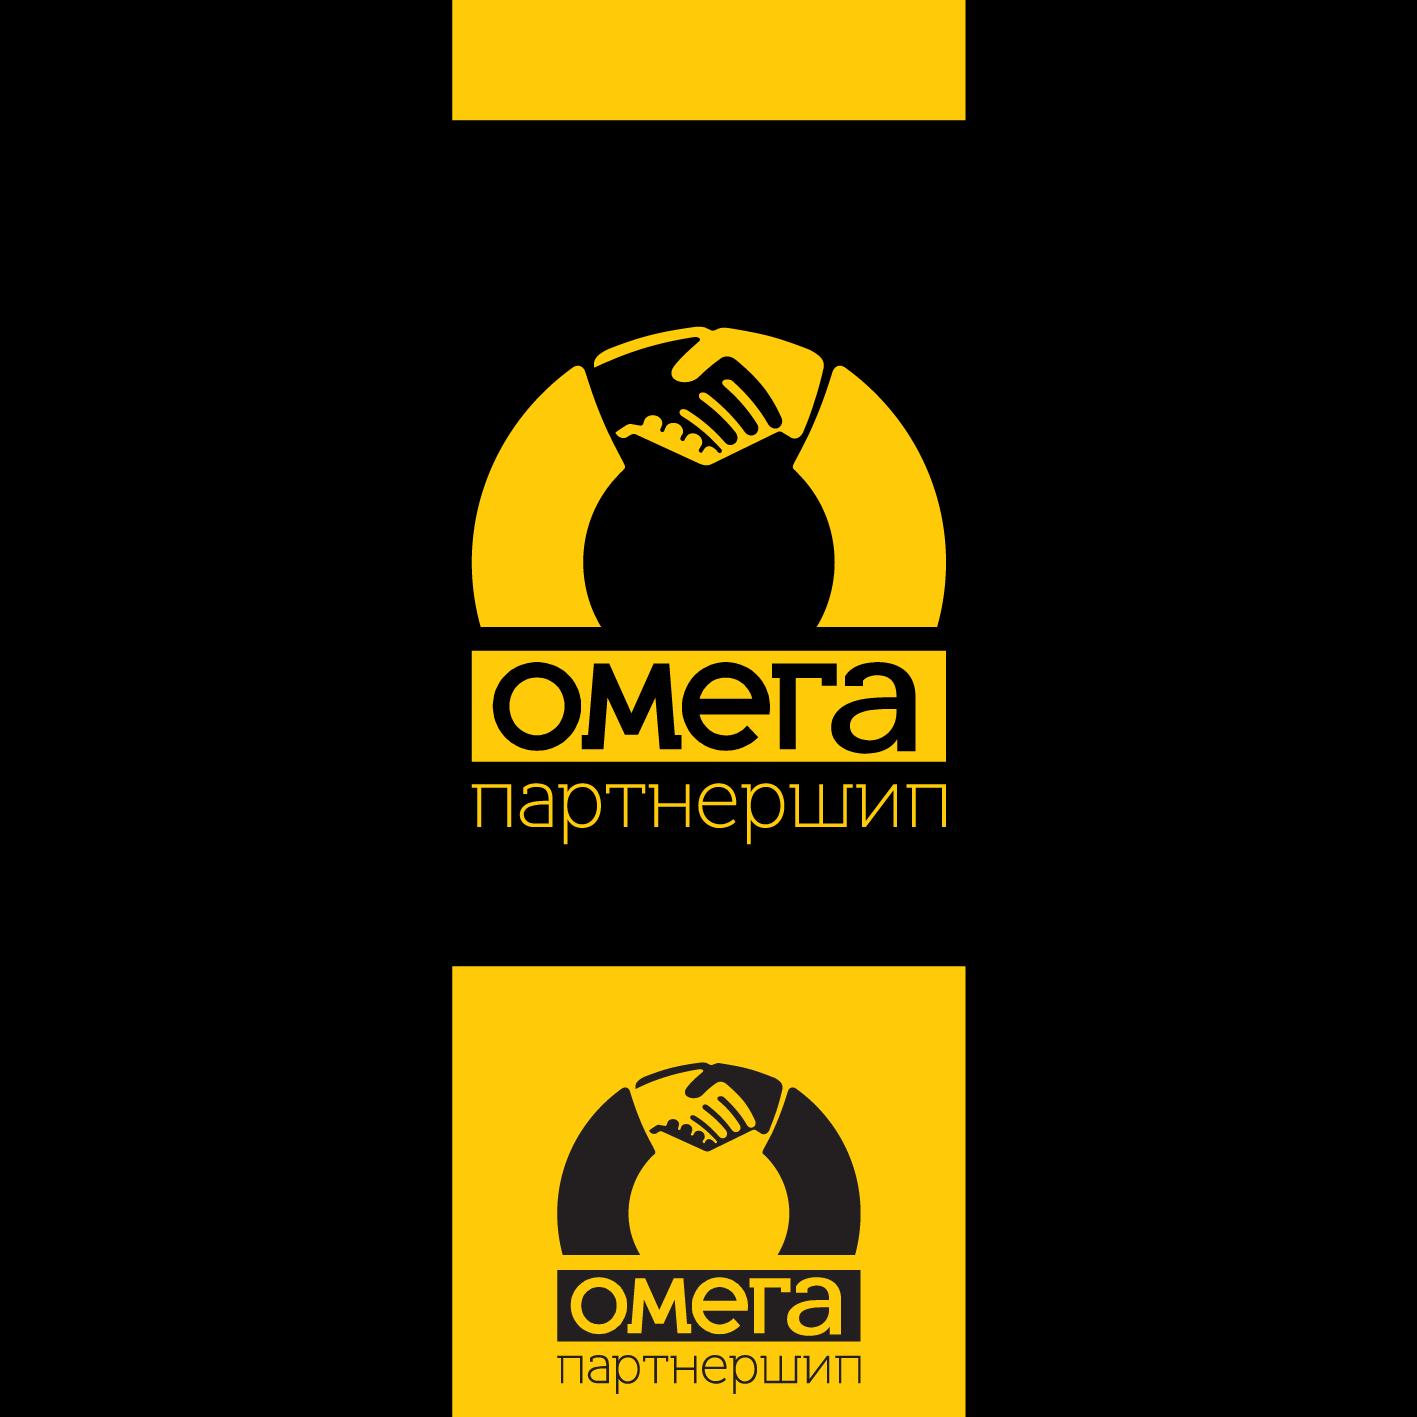 Придумать концепцию логотипа группы компаний фото f_8835b75c55550cee.png